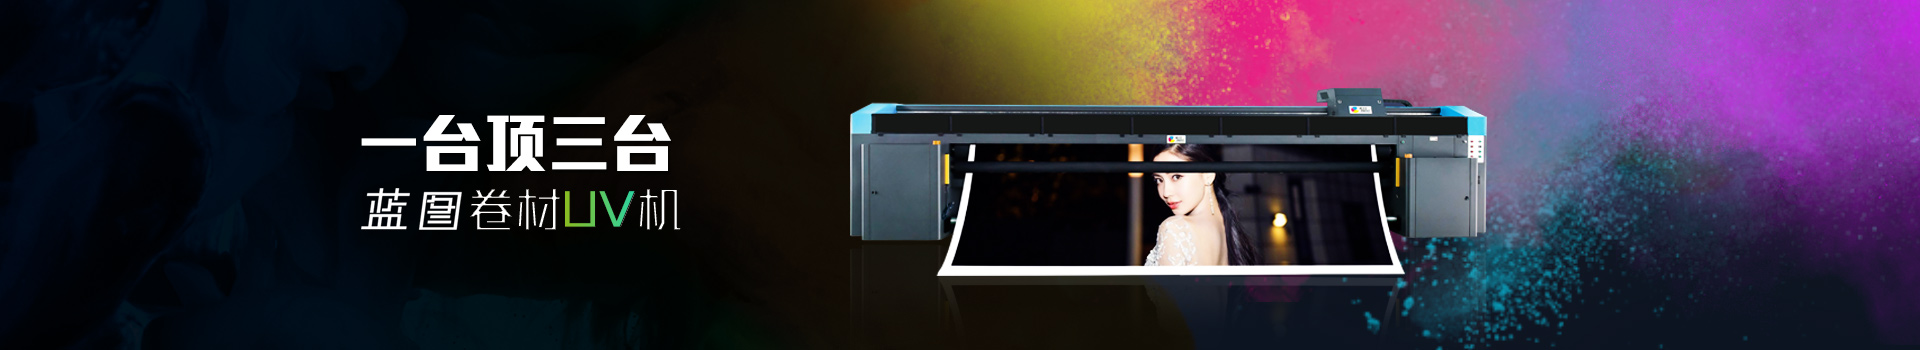 蓝图卷材UV机一台顶三台